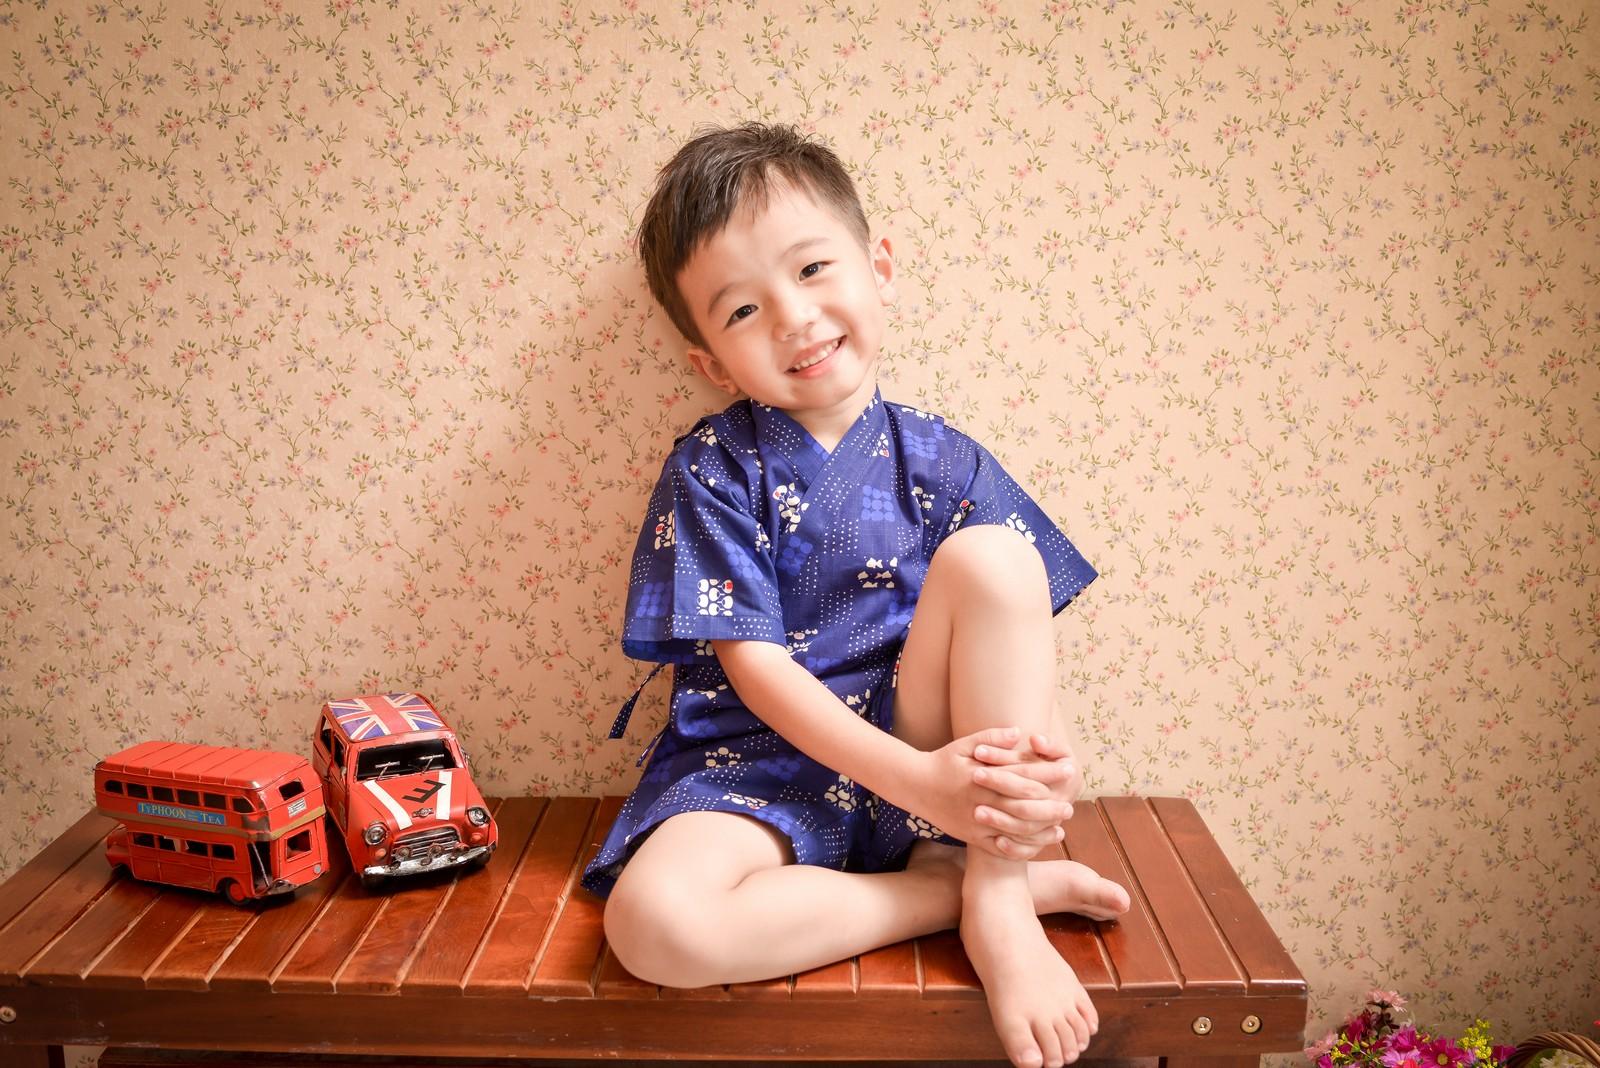 兒童寫真,兒童攝影,婚紗攝影師,自助婚紗,bb22